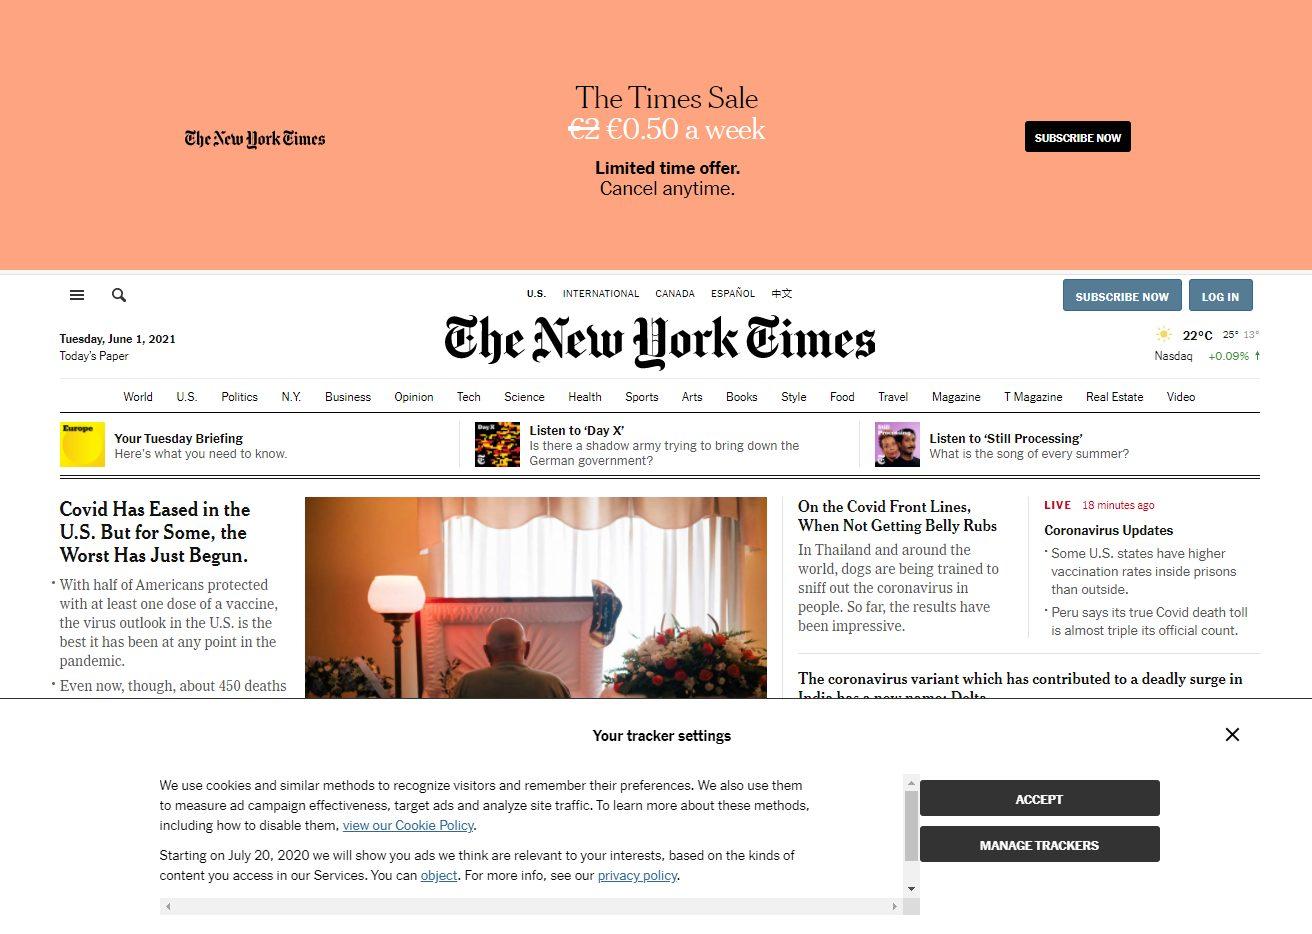 Screenshot The New York Times met cookiebanner.